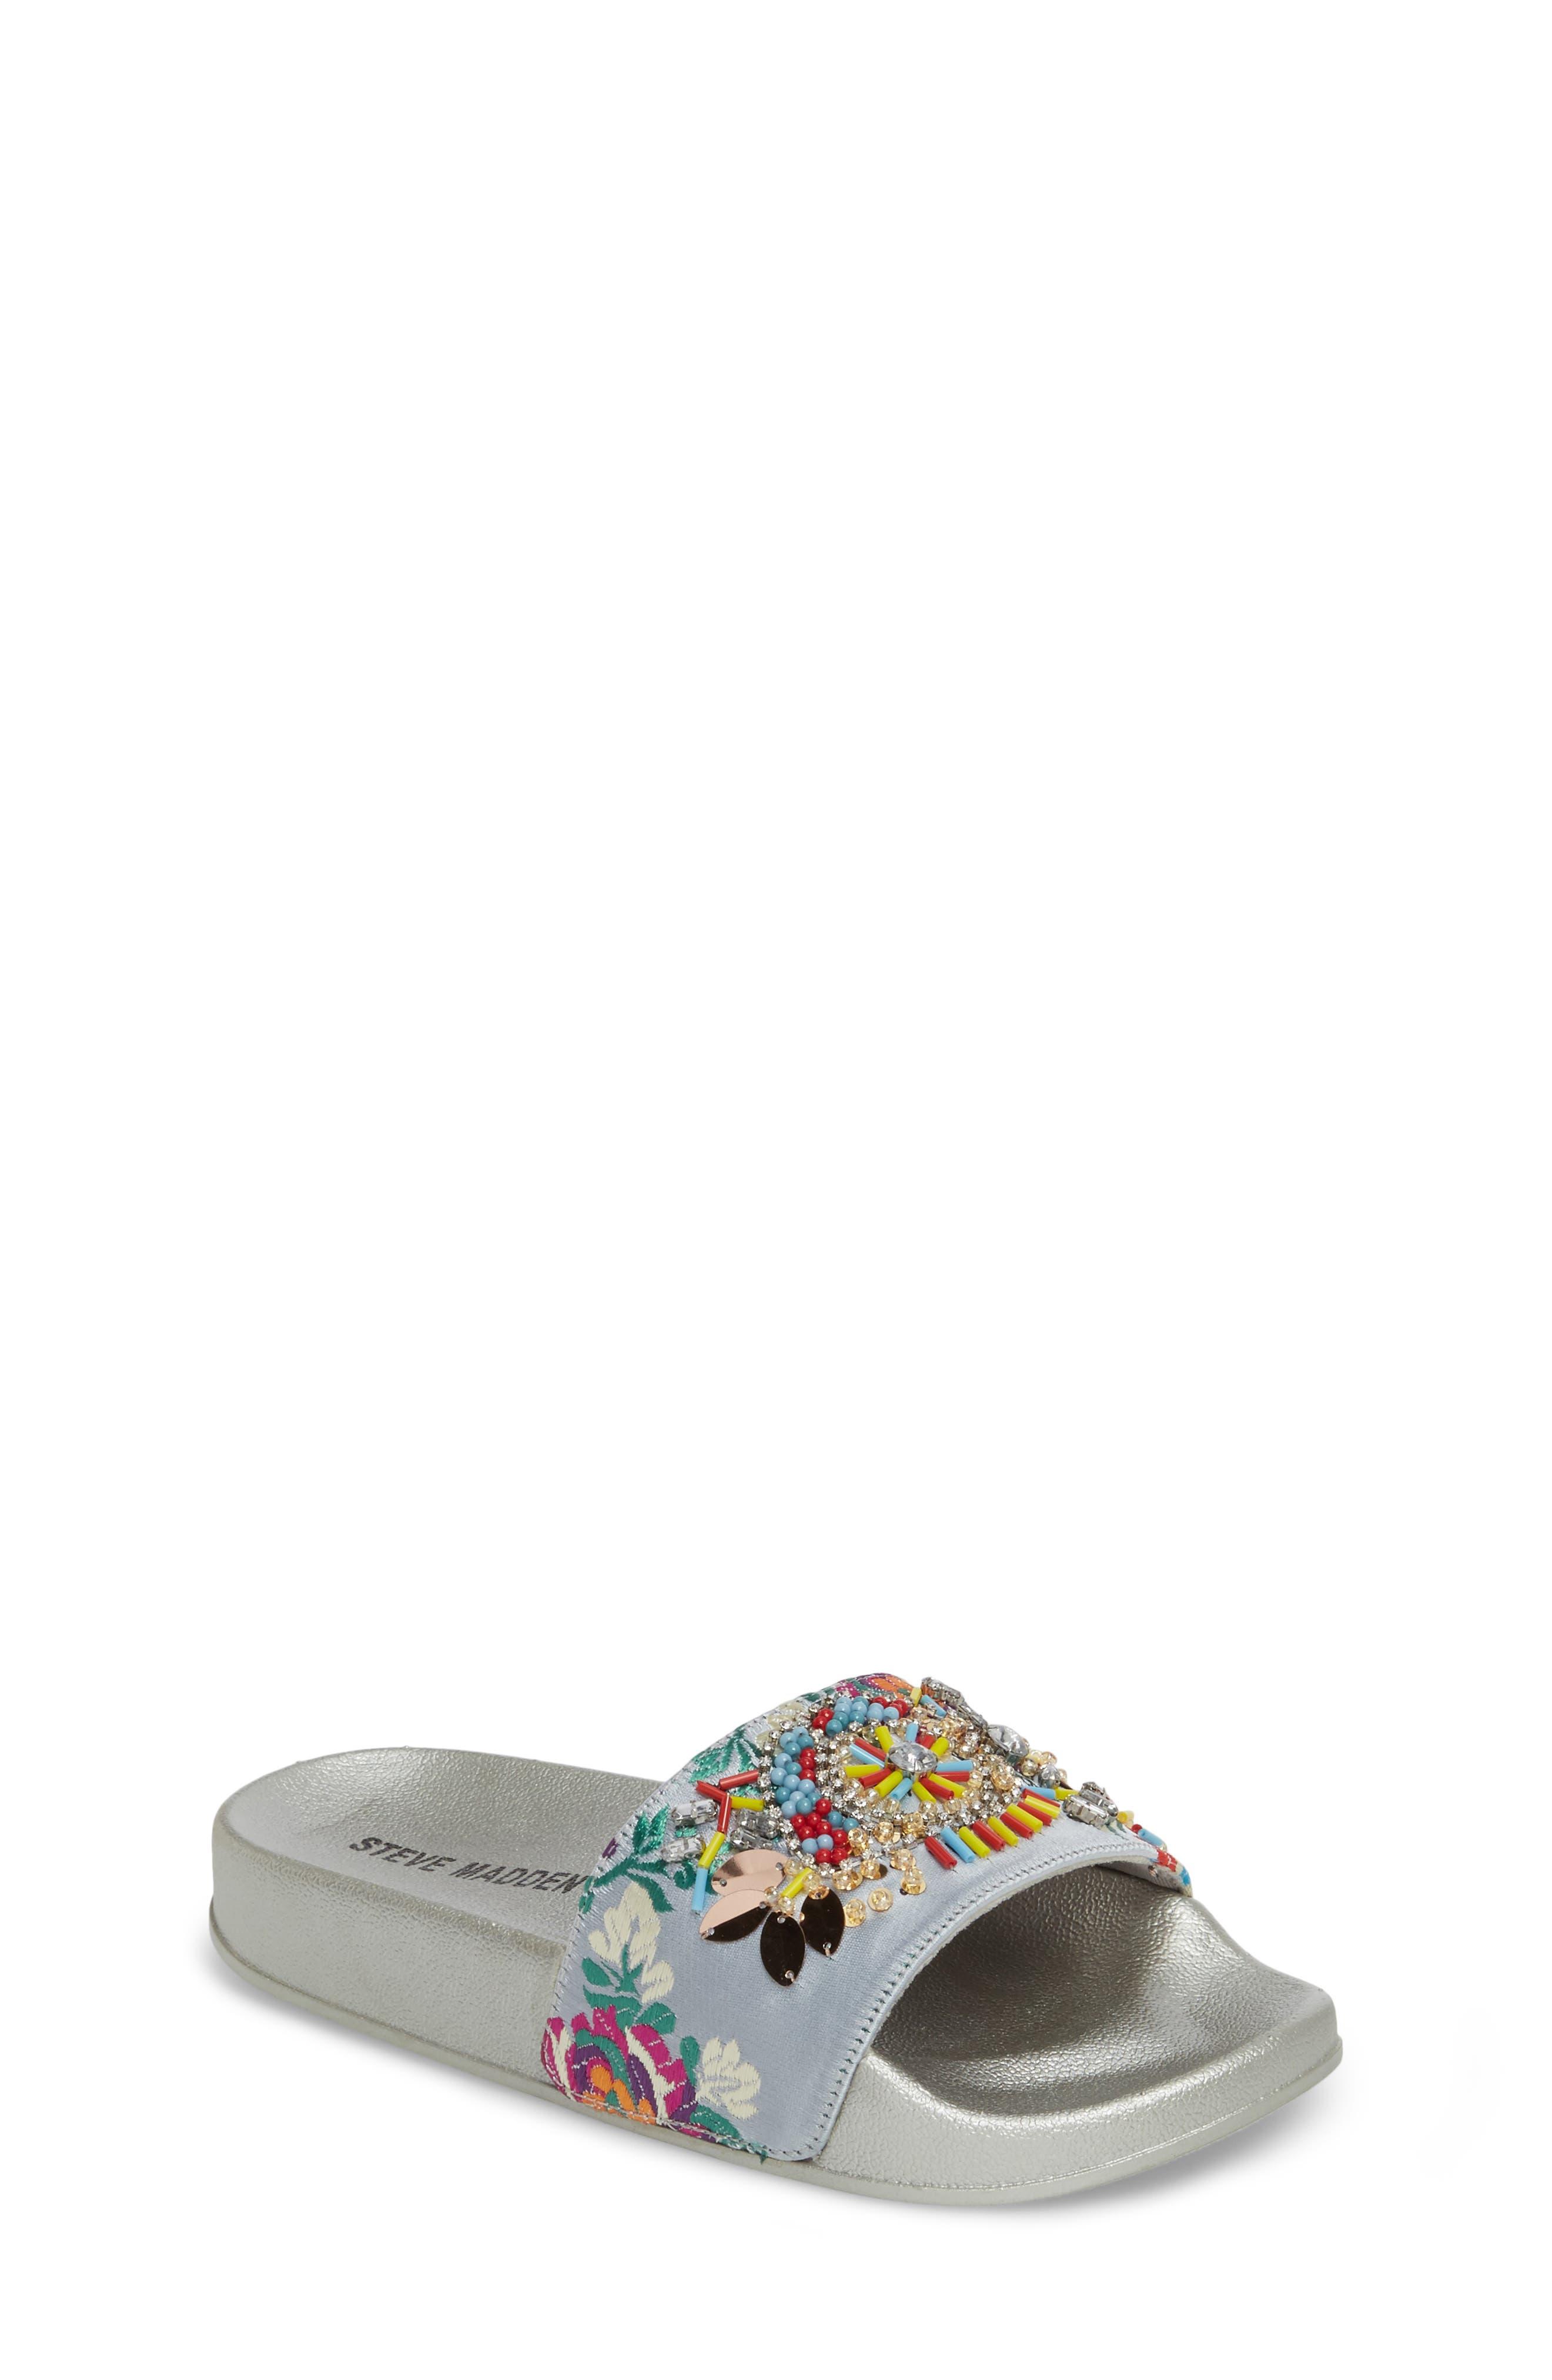 Steve Madden Jsparkly Slide Sandal (Little Kid & Big Kid)